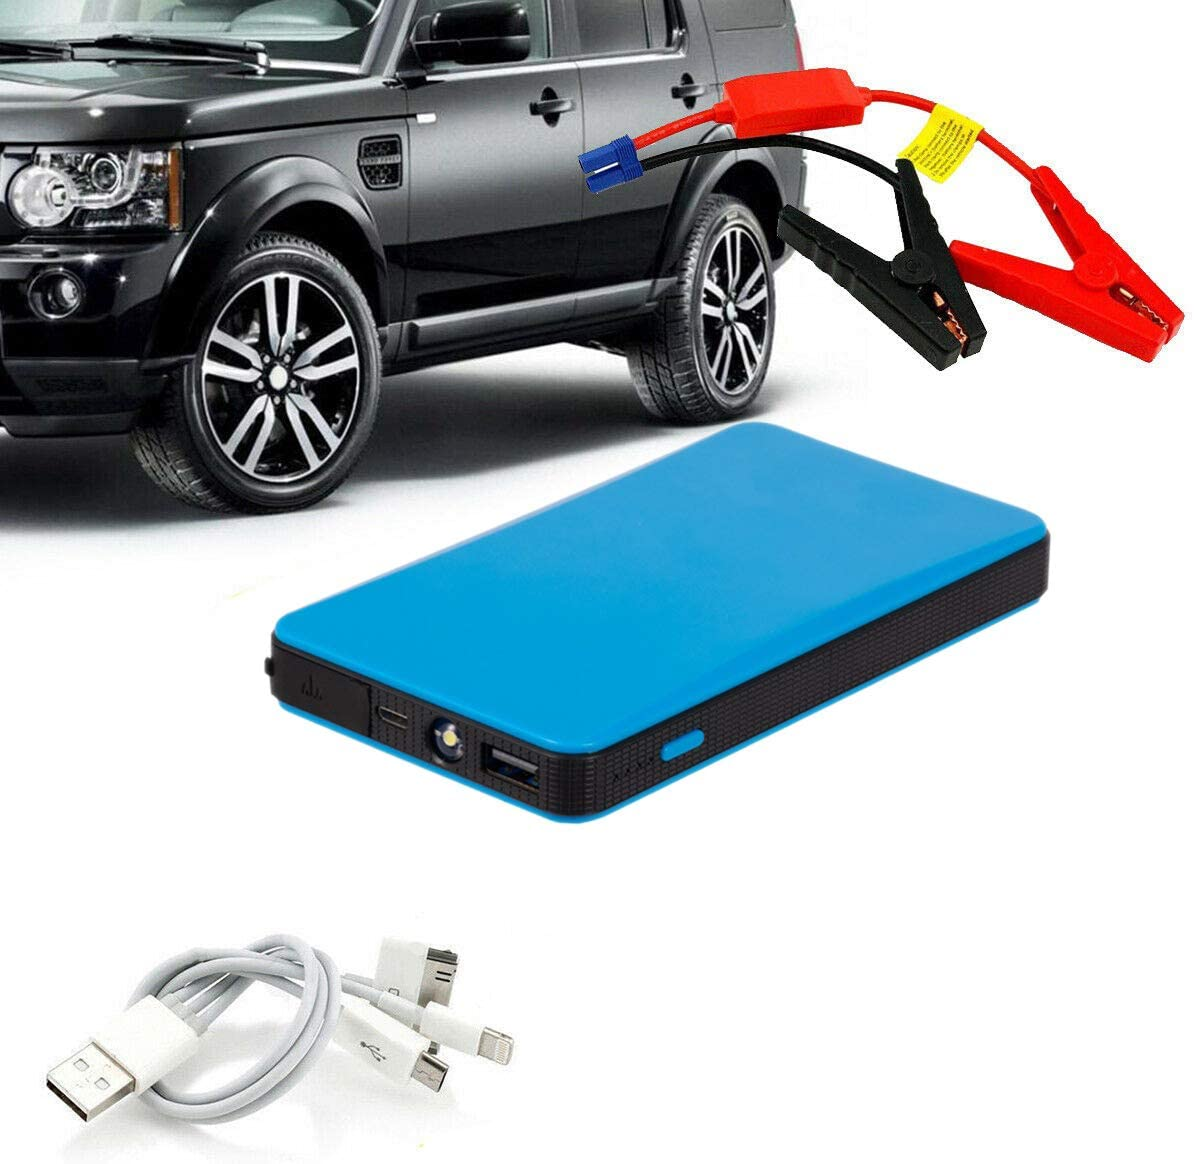 REFURBISHHOUSE 12V Multifonction D/éMarreur de la Voiture Chargeur de la Batterie la Banque de la Puissance Booster Bleu